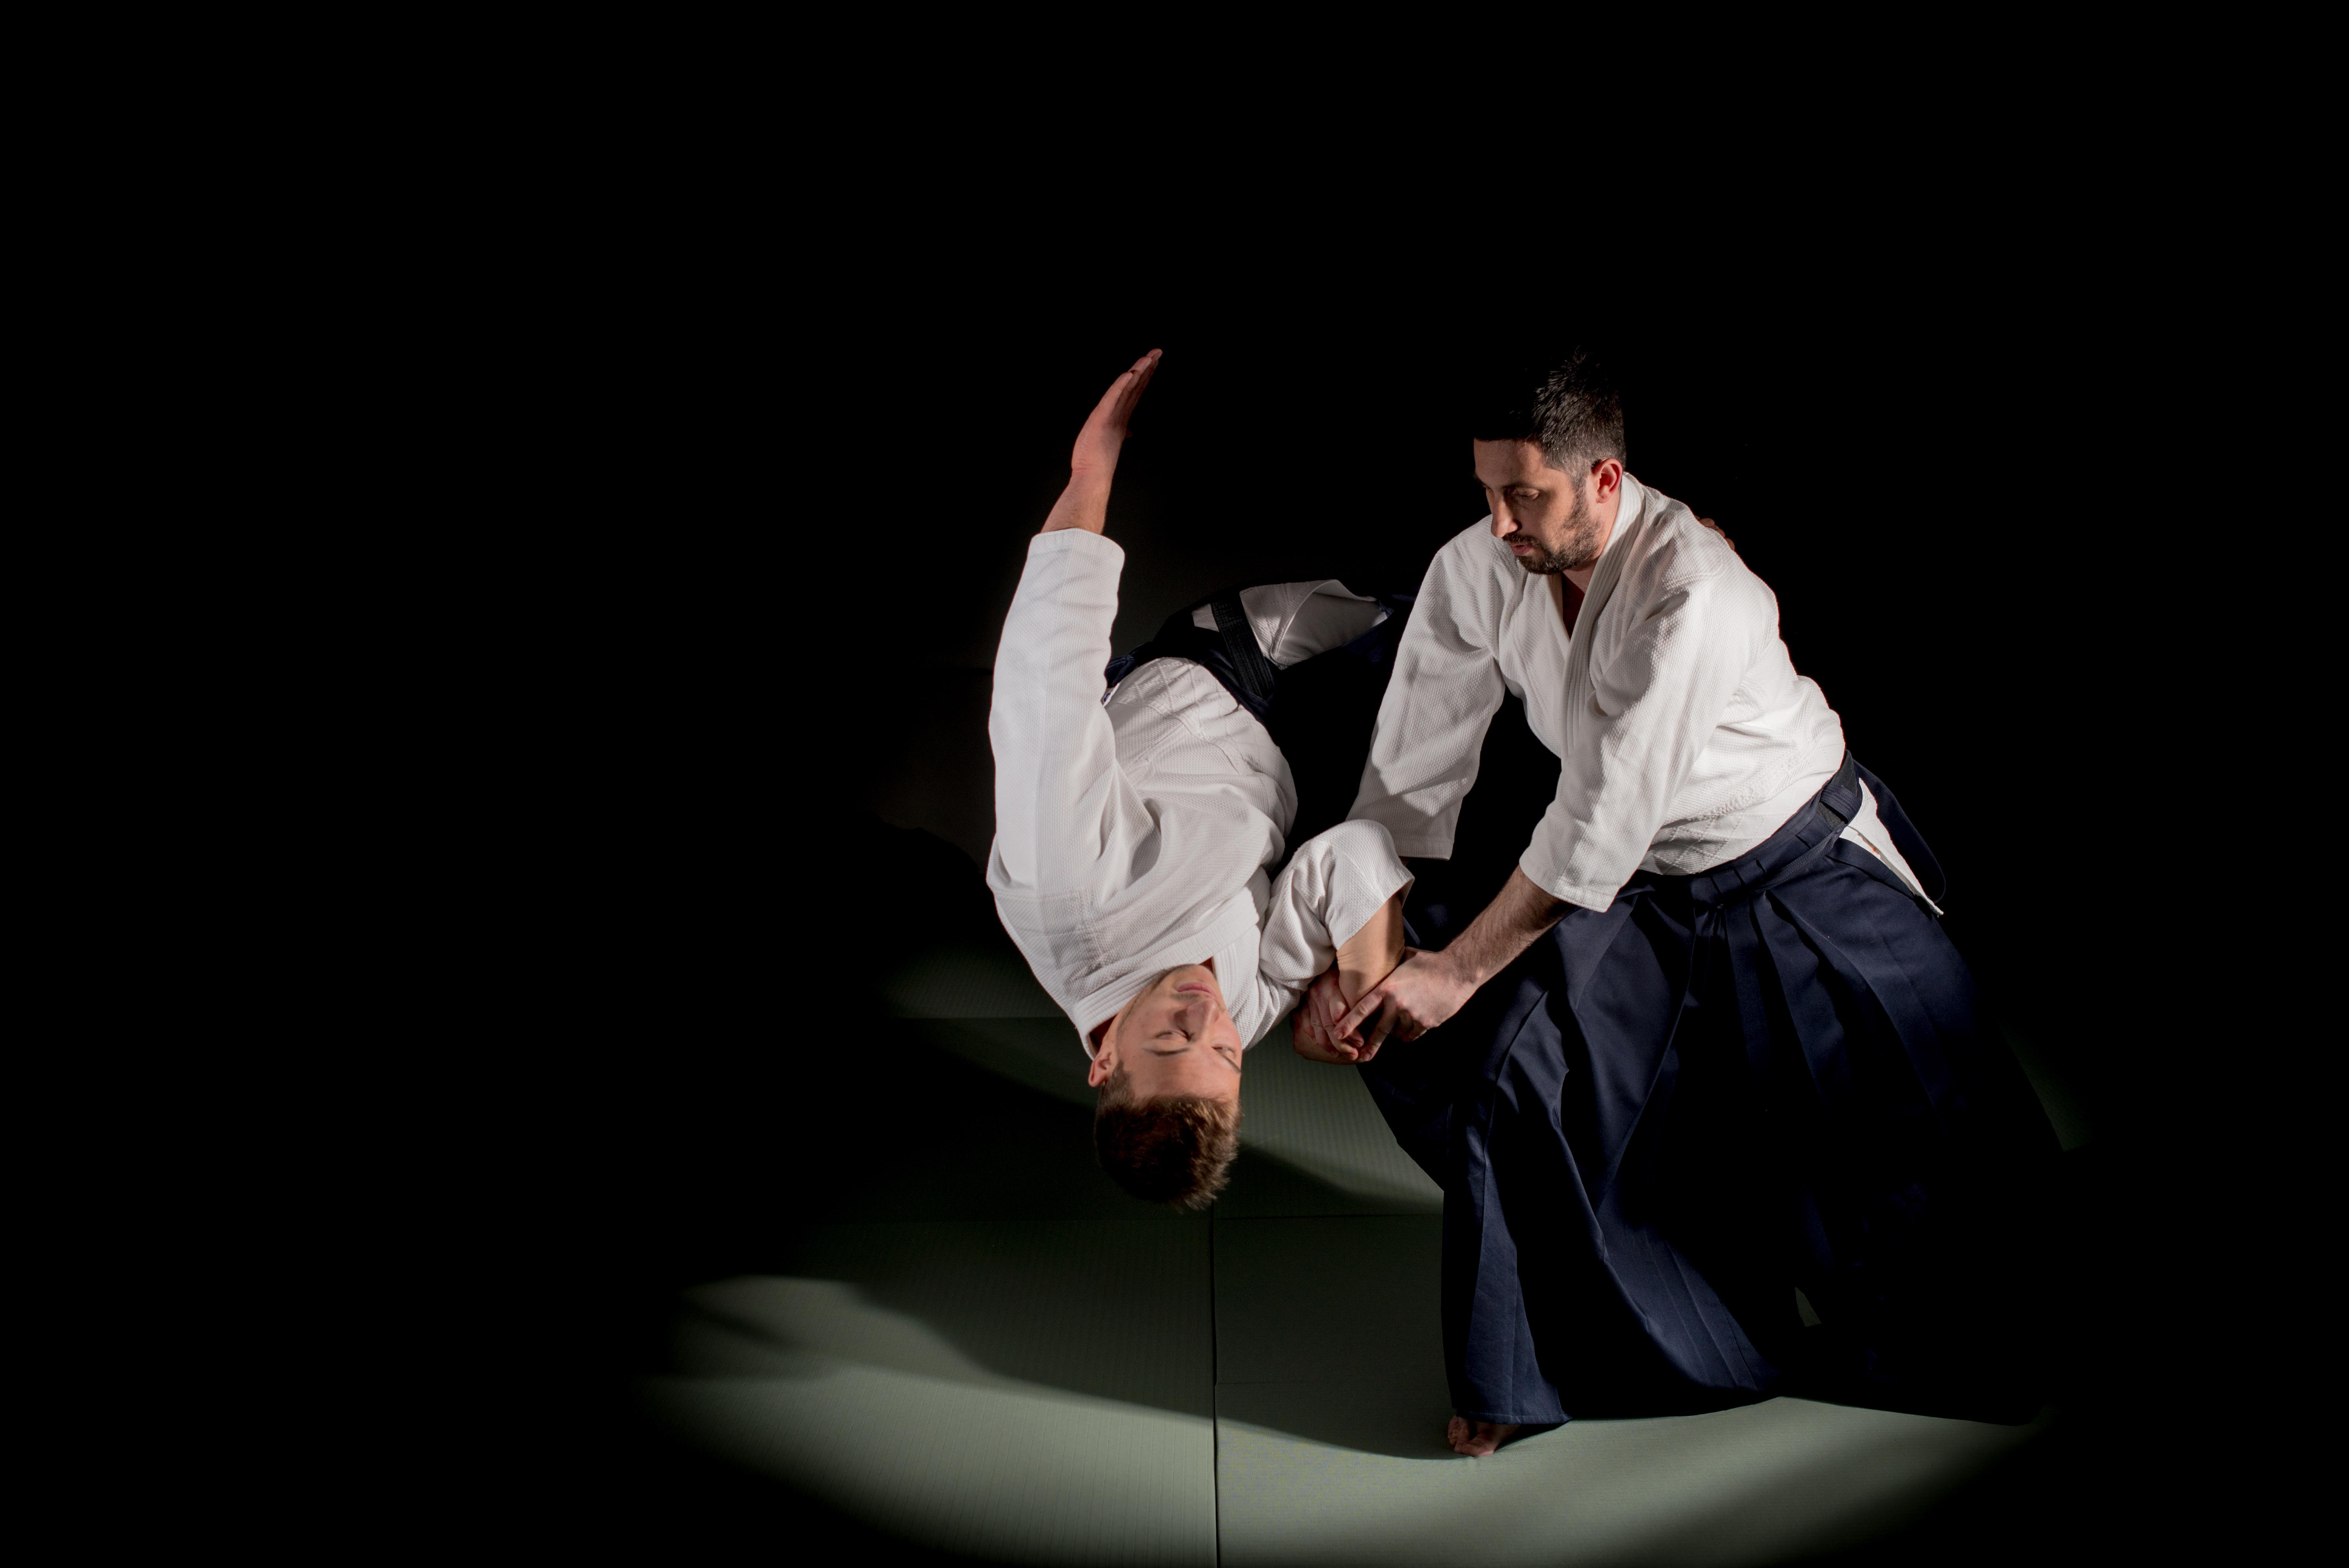 Тренировки по айкидо - шихонаге